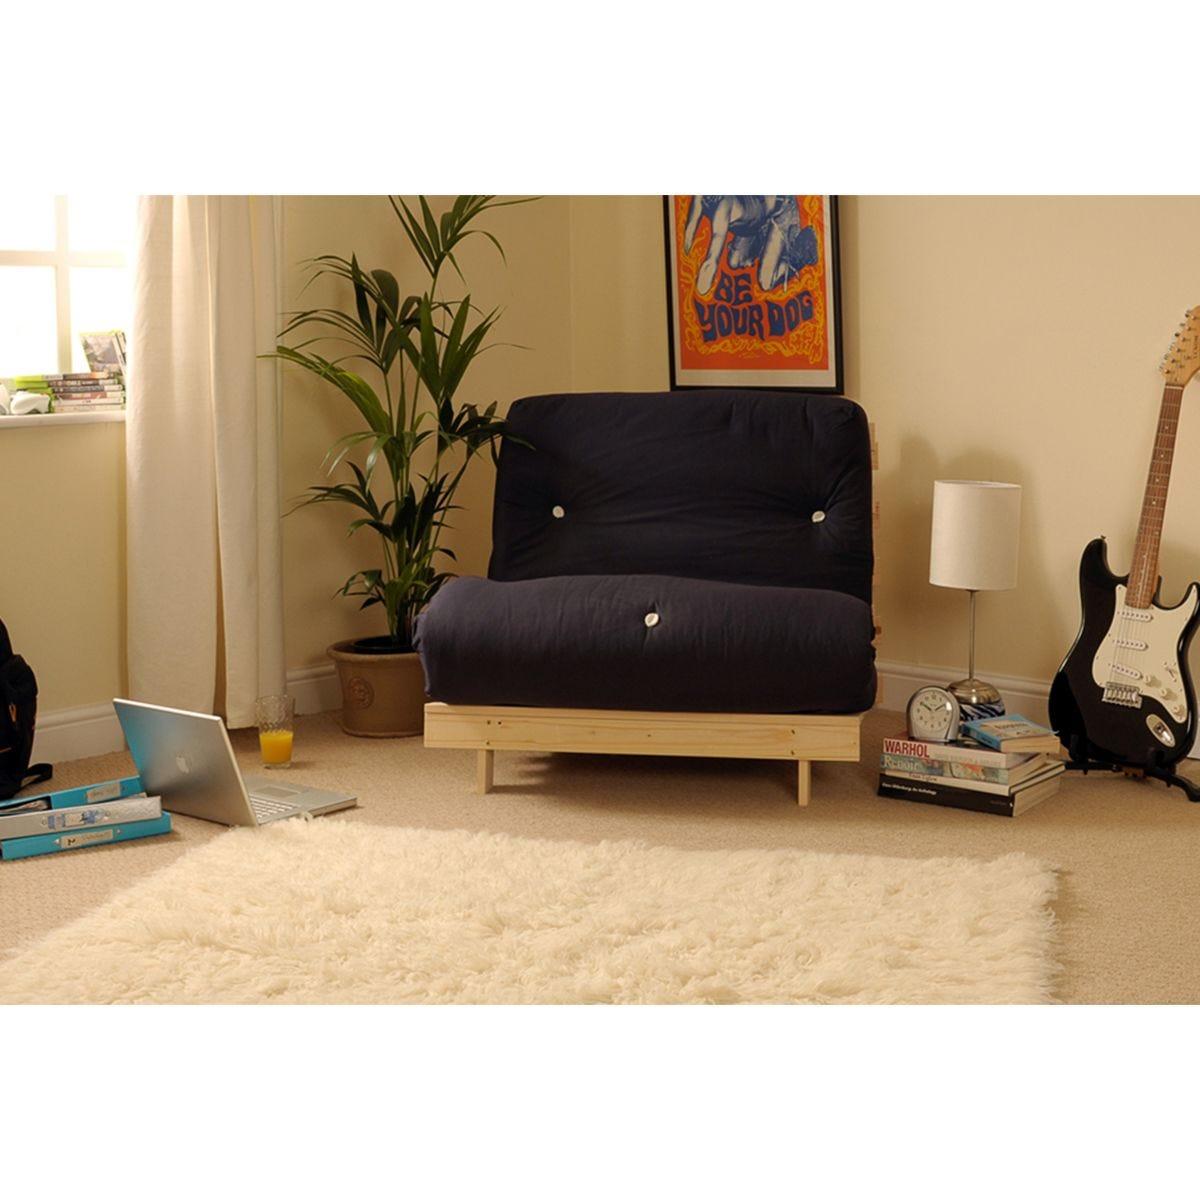 Albury Small Single Futon Set With Tufted Mattress - Black